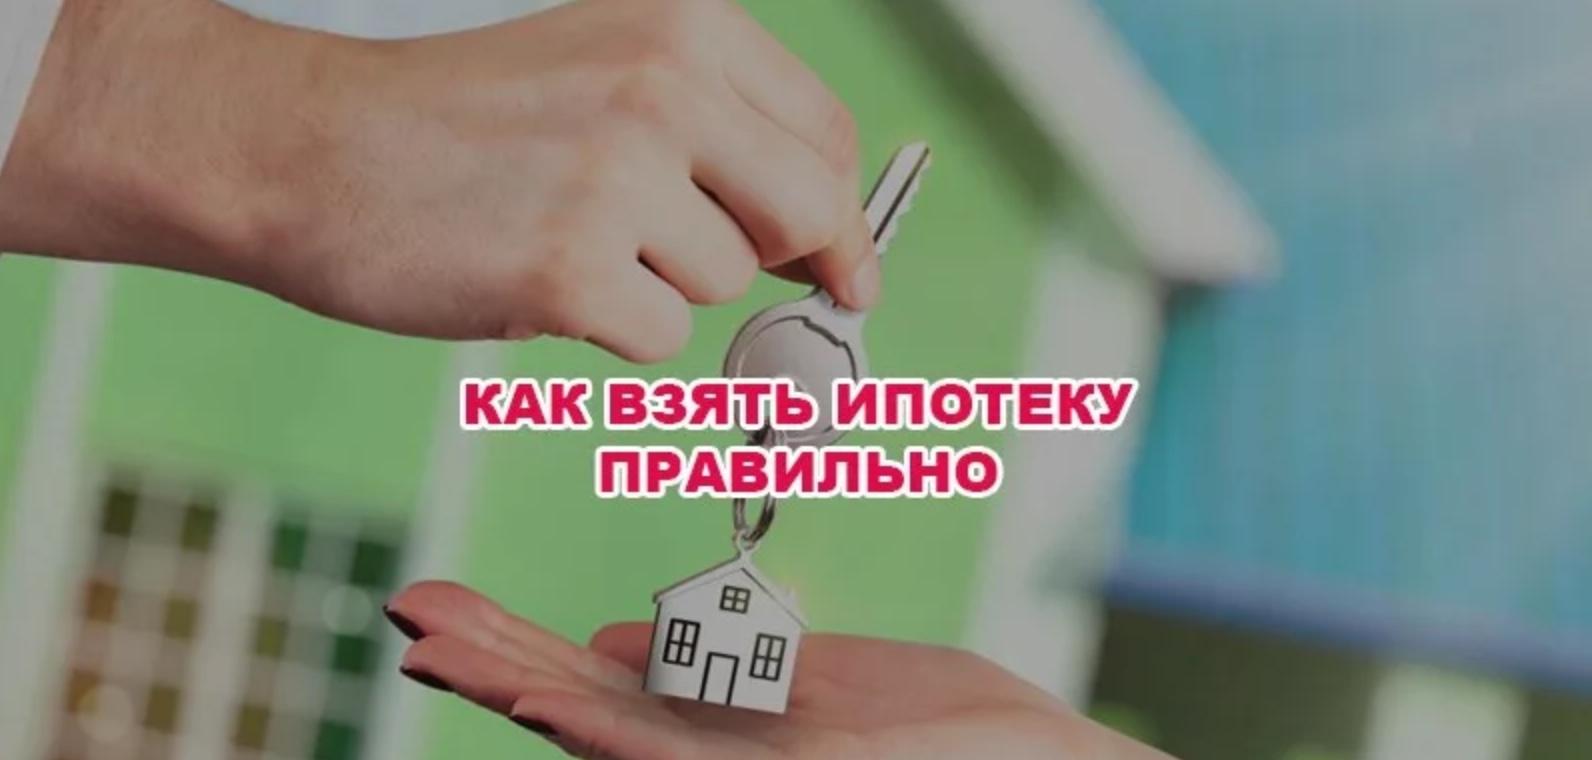 Как взять ипотеку правильно?